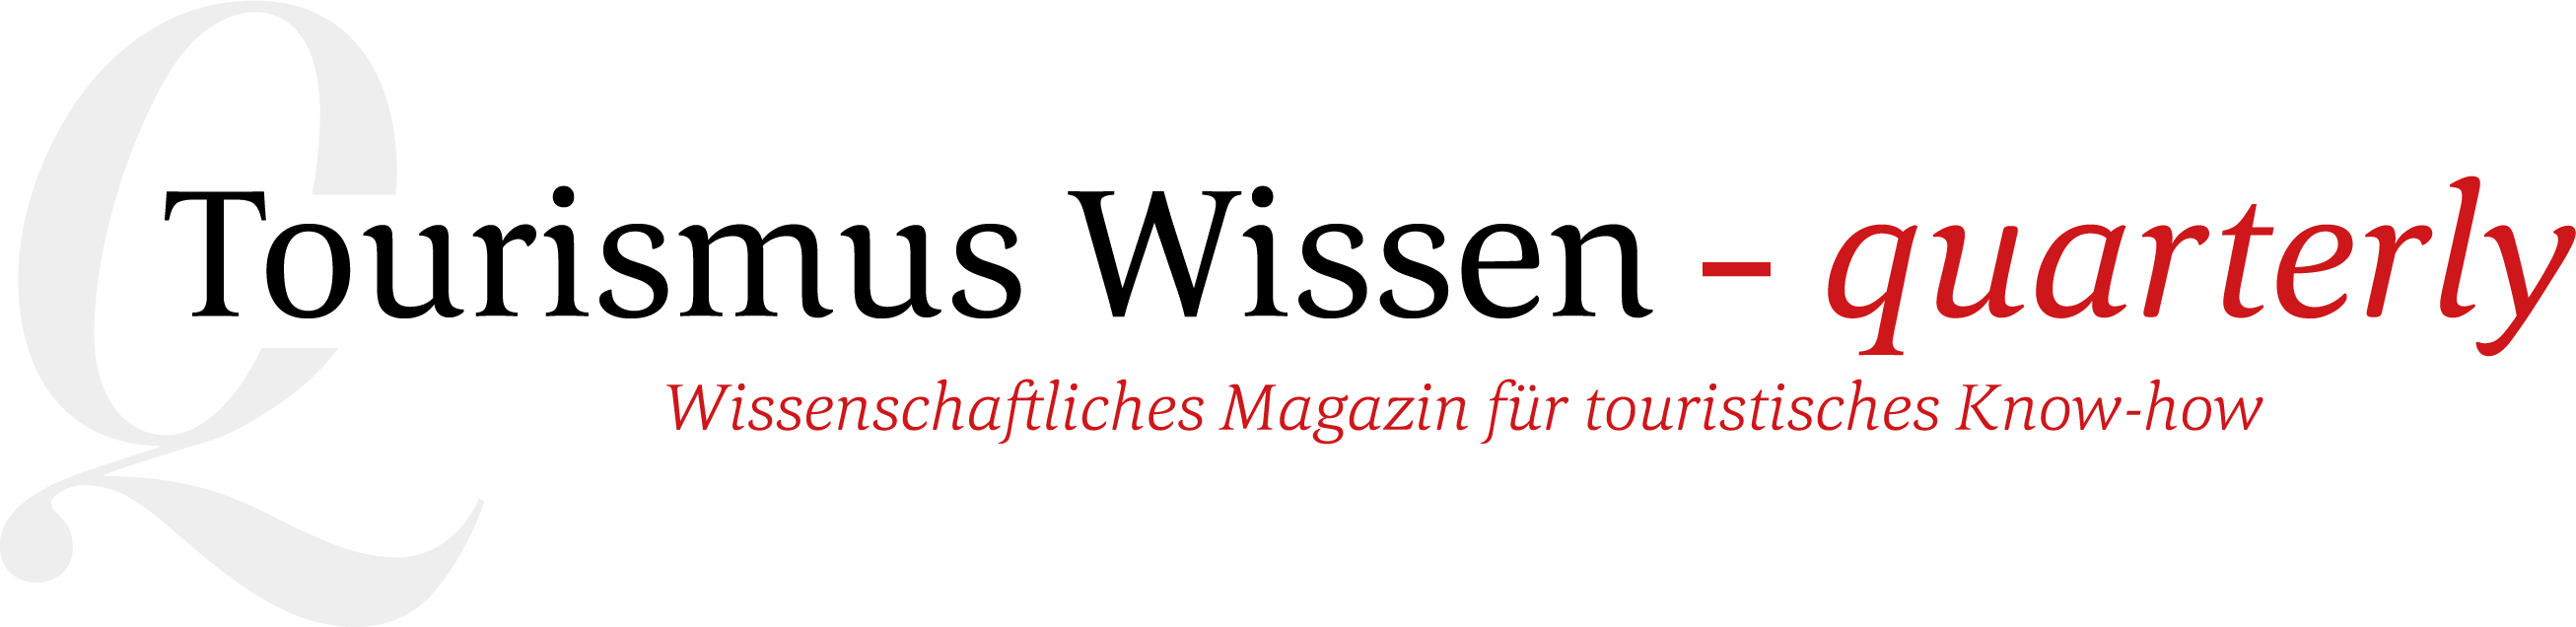 Wissenschaftliches Magazin für touristisches Know-how